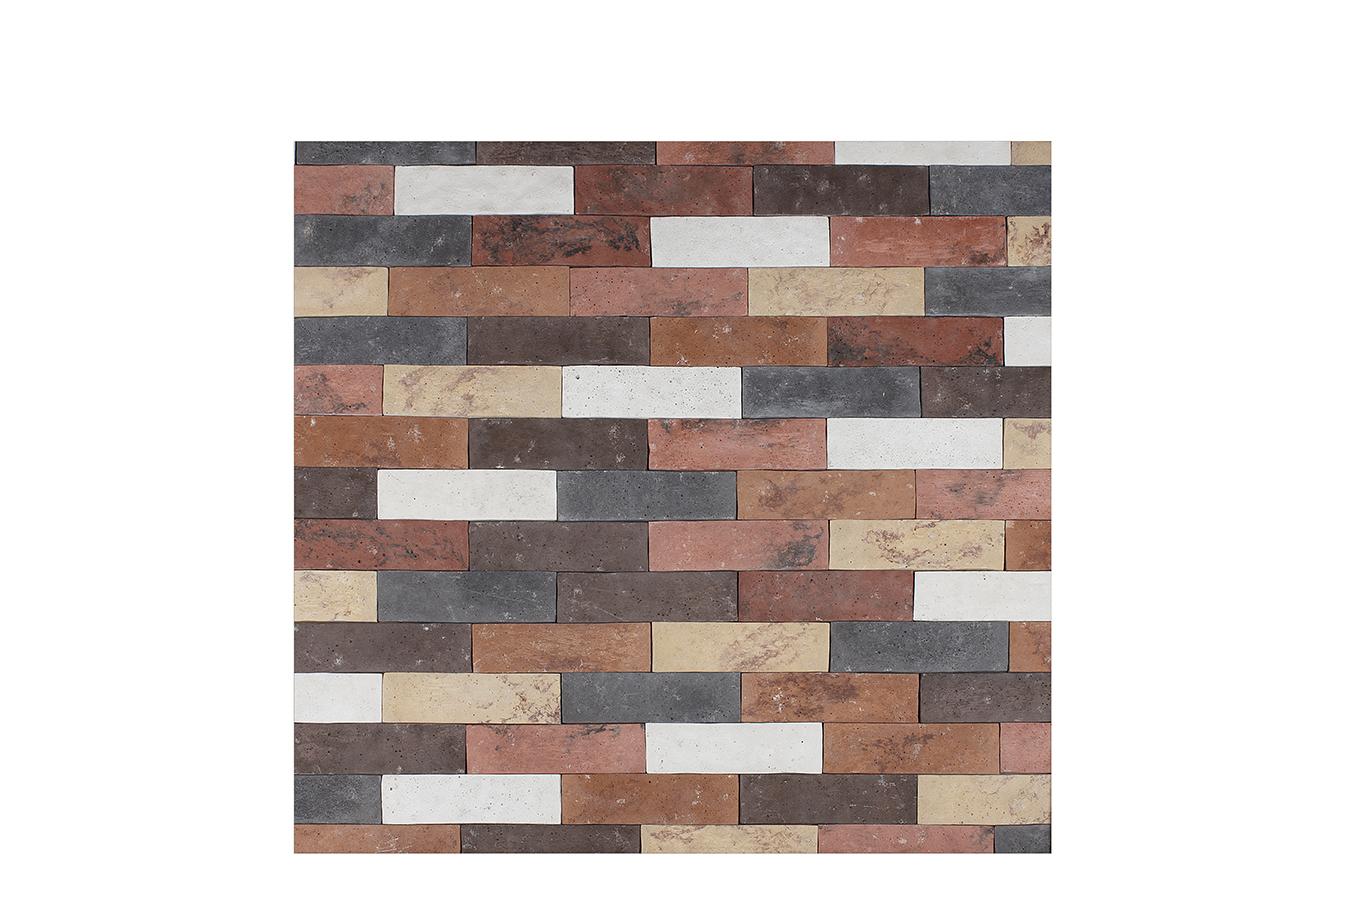 Cladding New Brick Mix Color